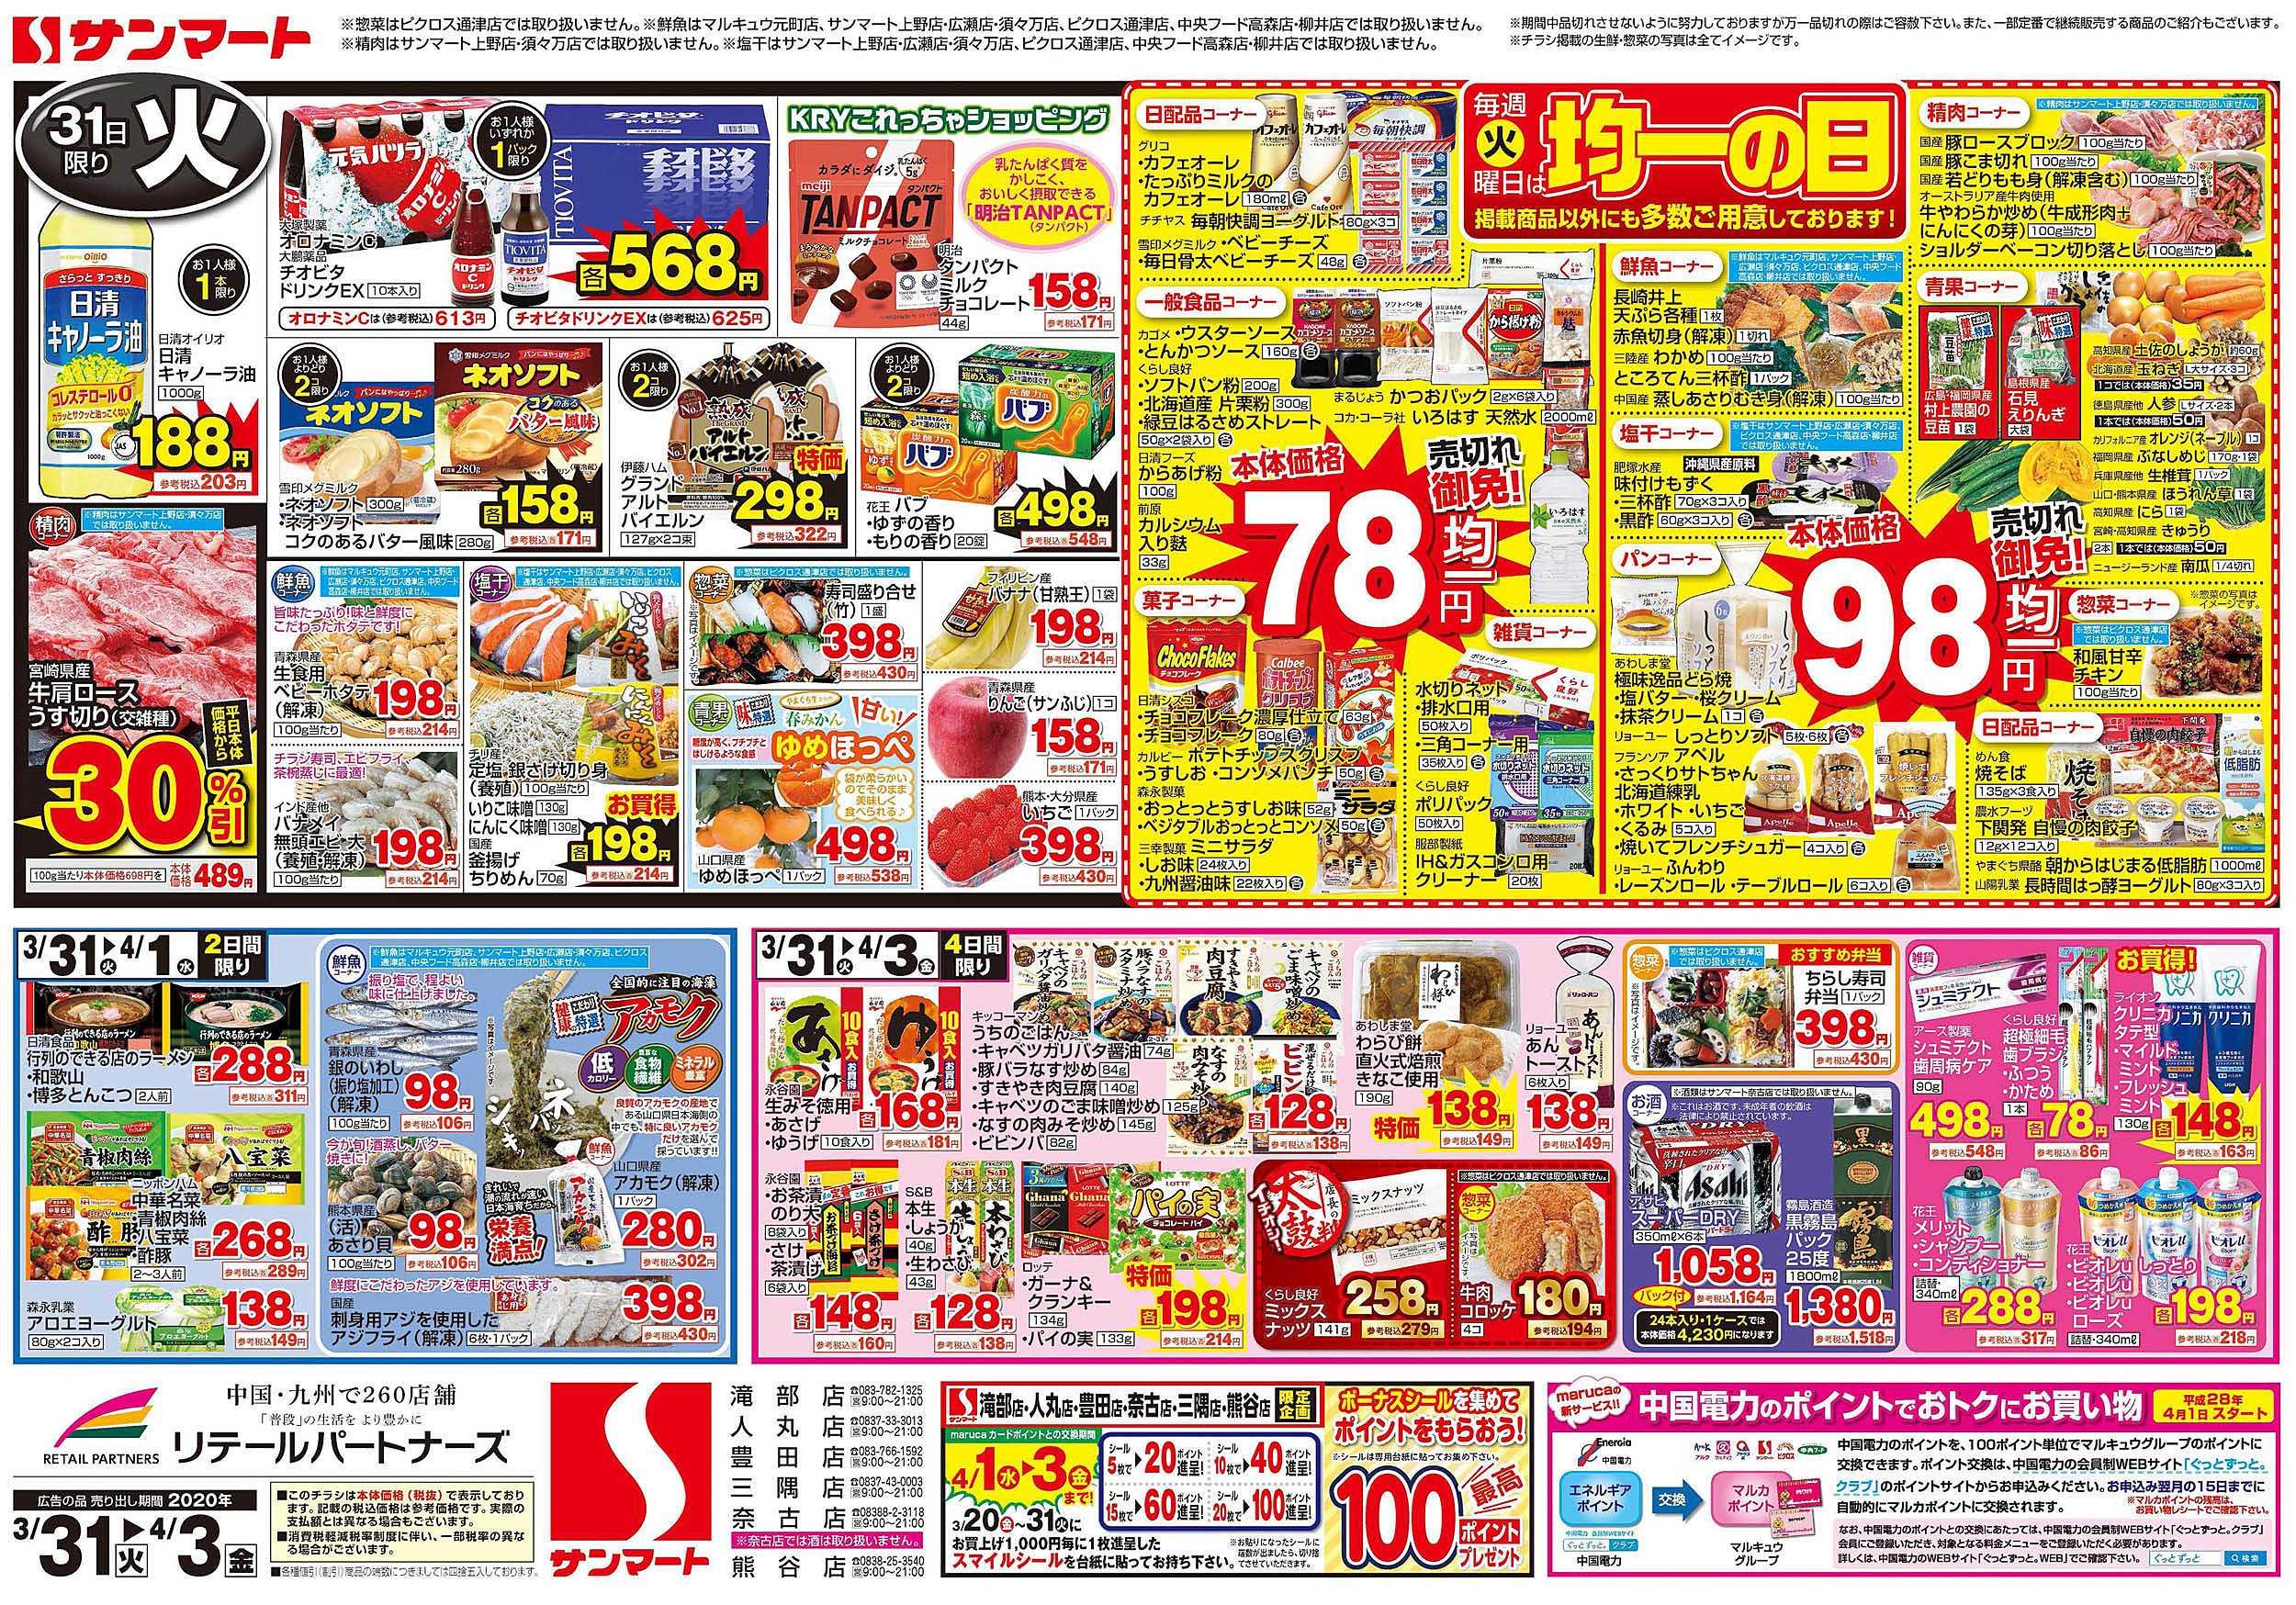 サンマート 3/31(火)~4/3(金)